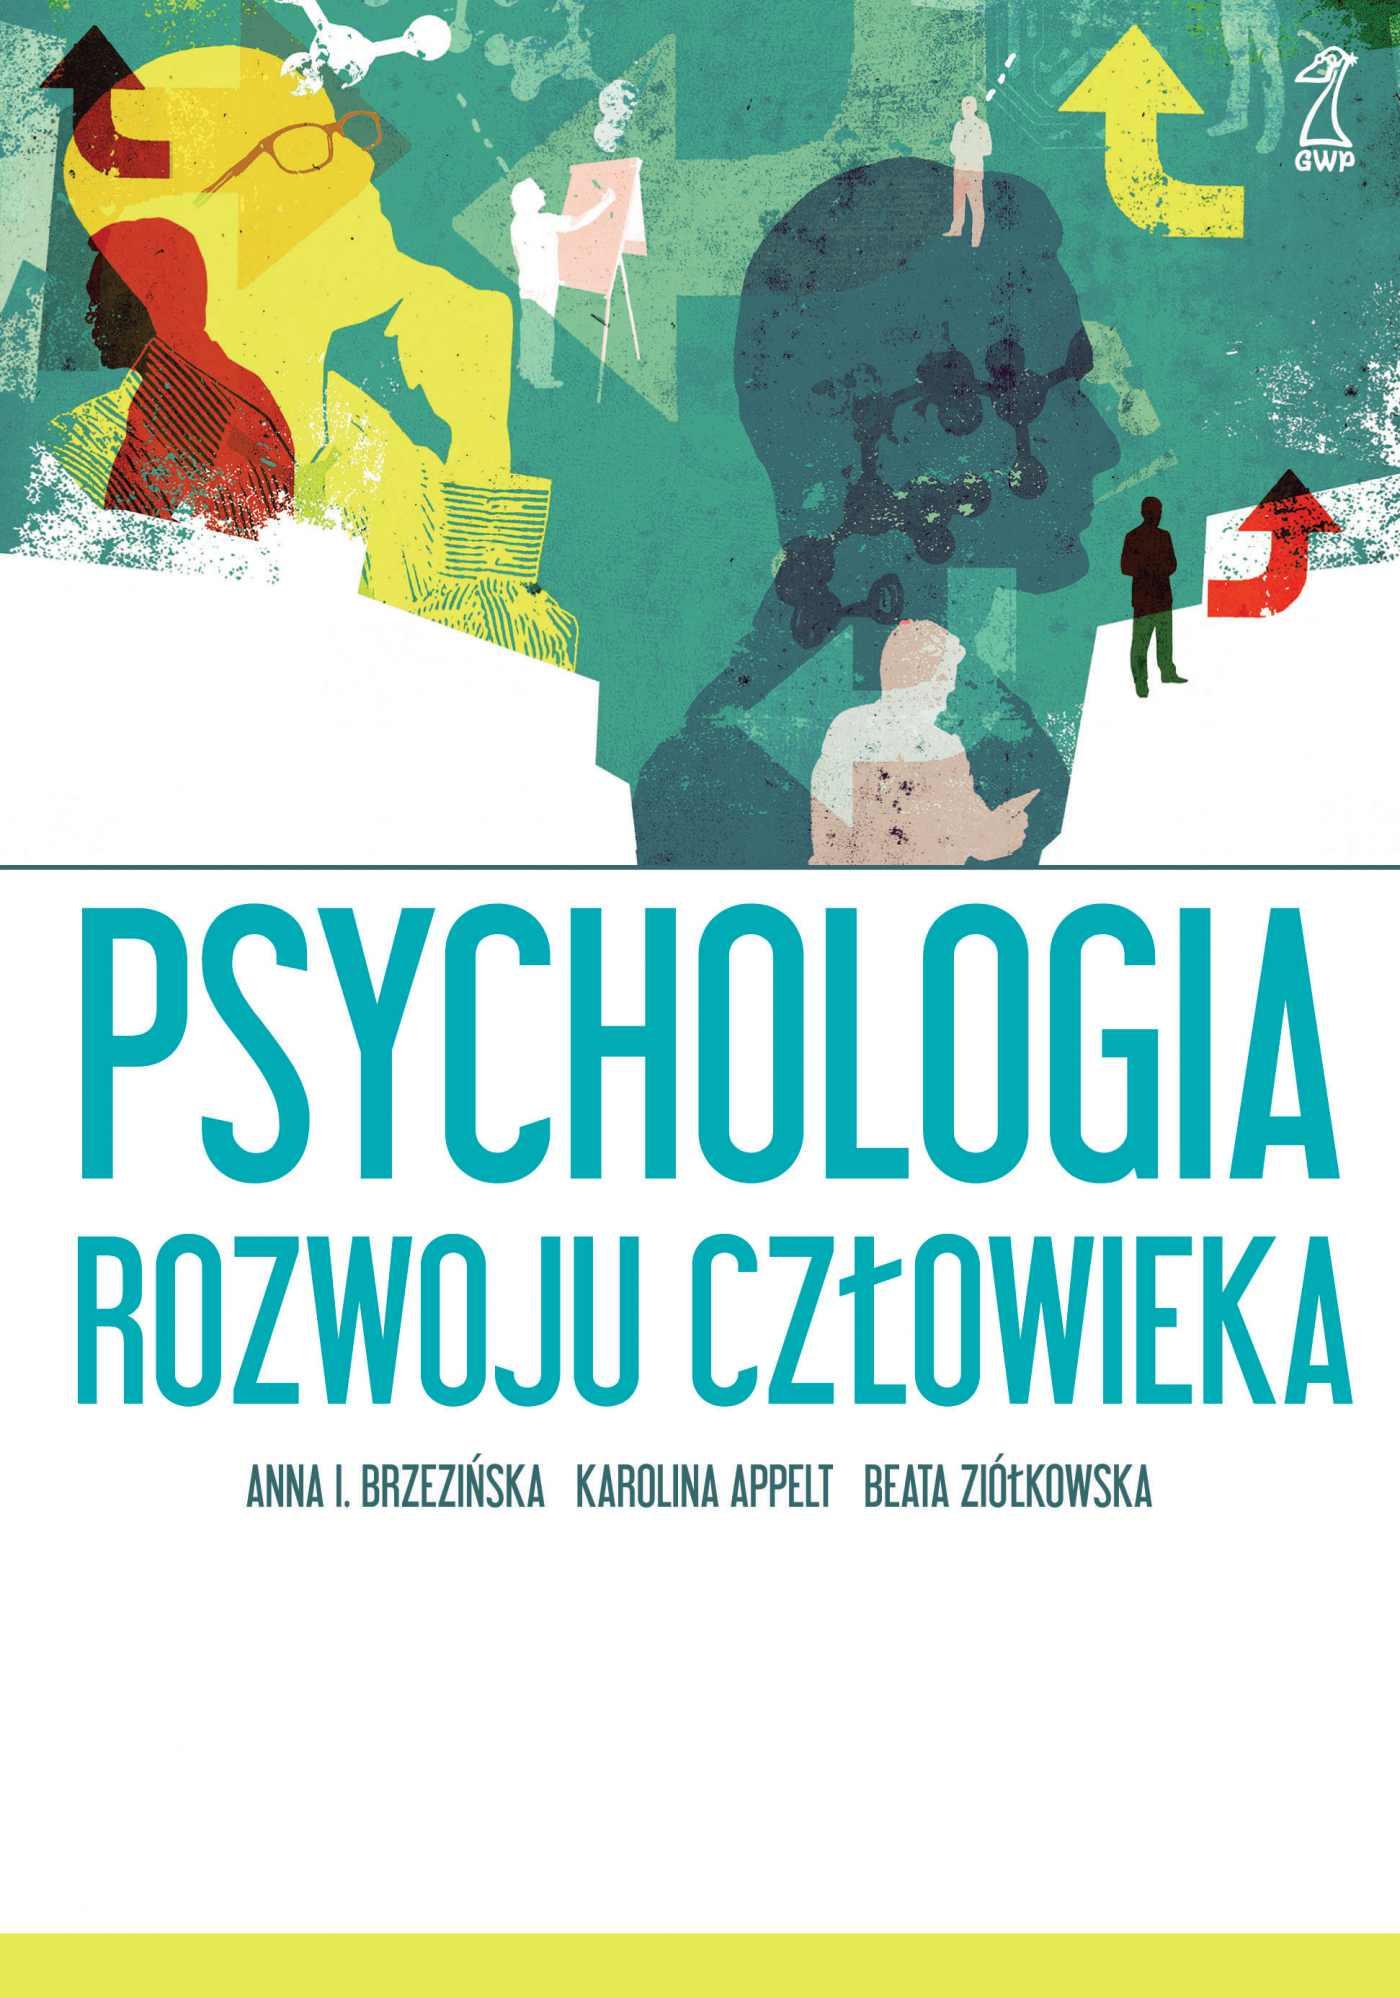 Psychologia rozwoju człowieka - Ebook (Książka EPUB) do pobrania w formacie EPUB